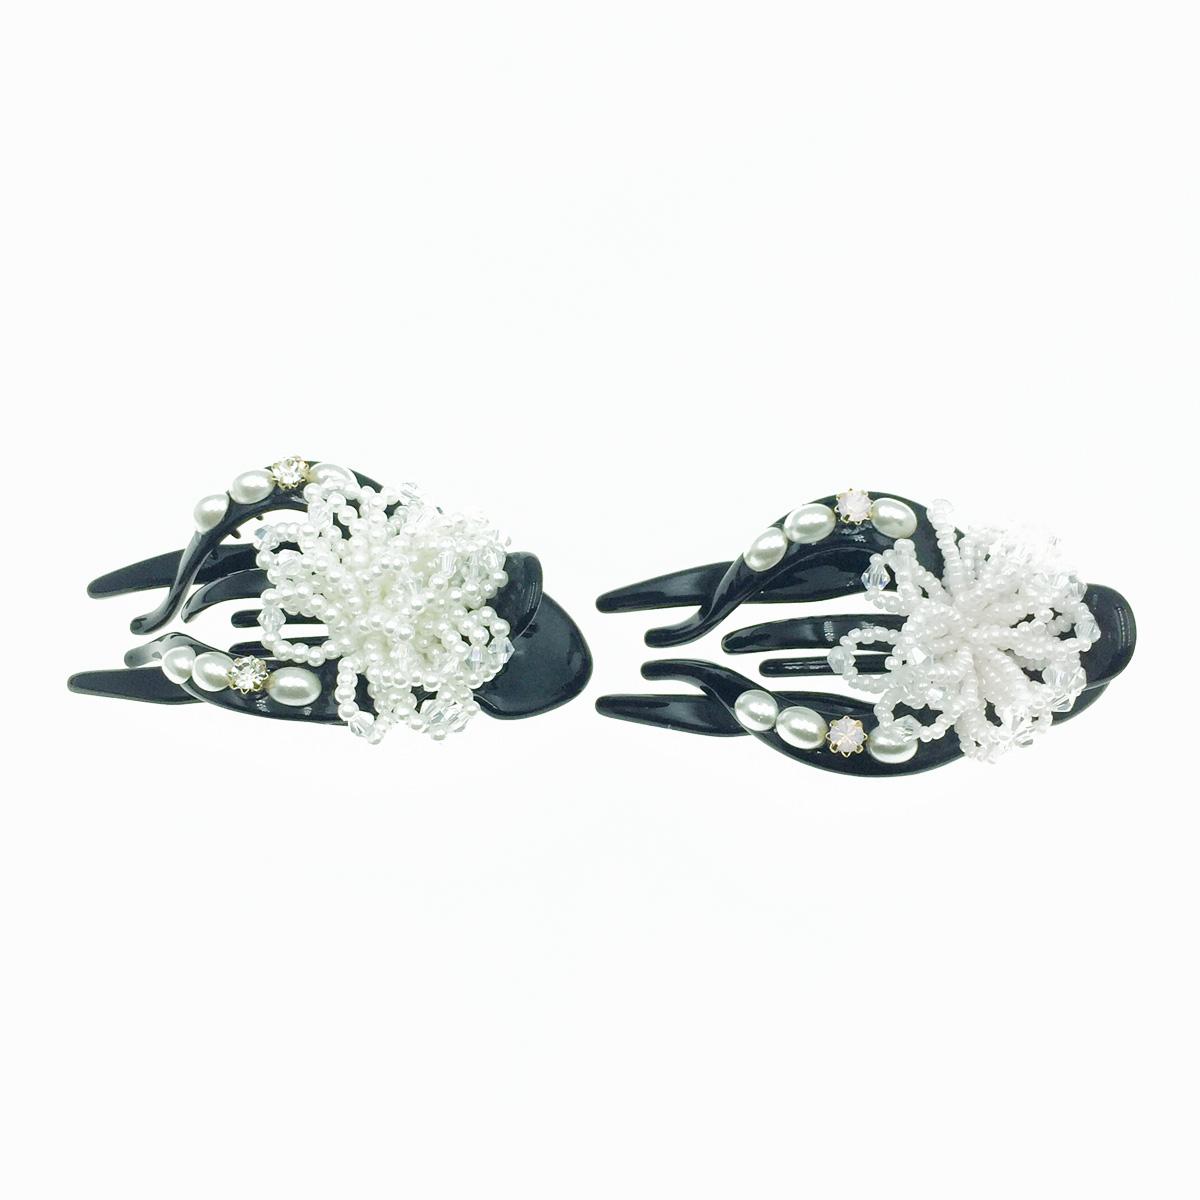 韓國 小圓珠 透明水晶 珍珠 花造型 2色 髮飾 壓夾 髮夾